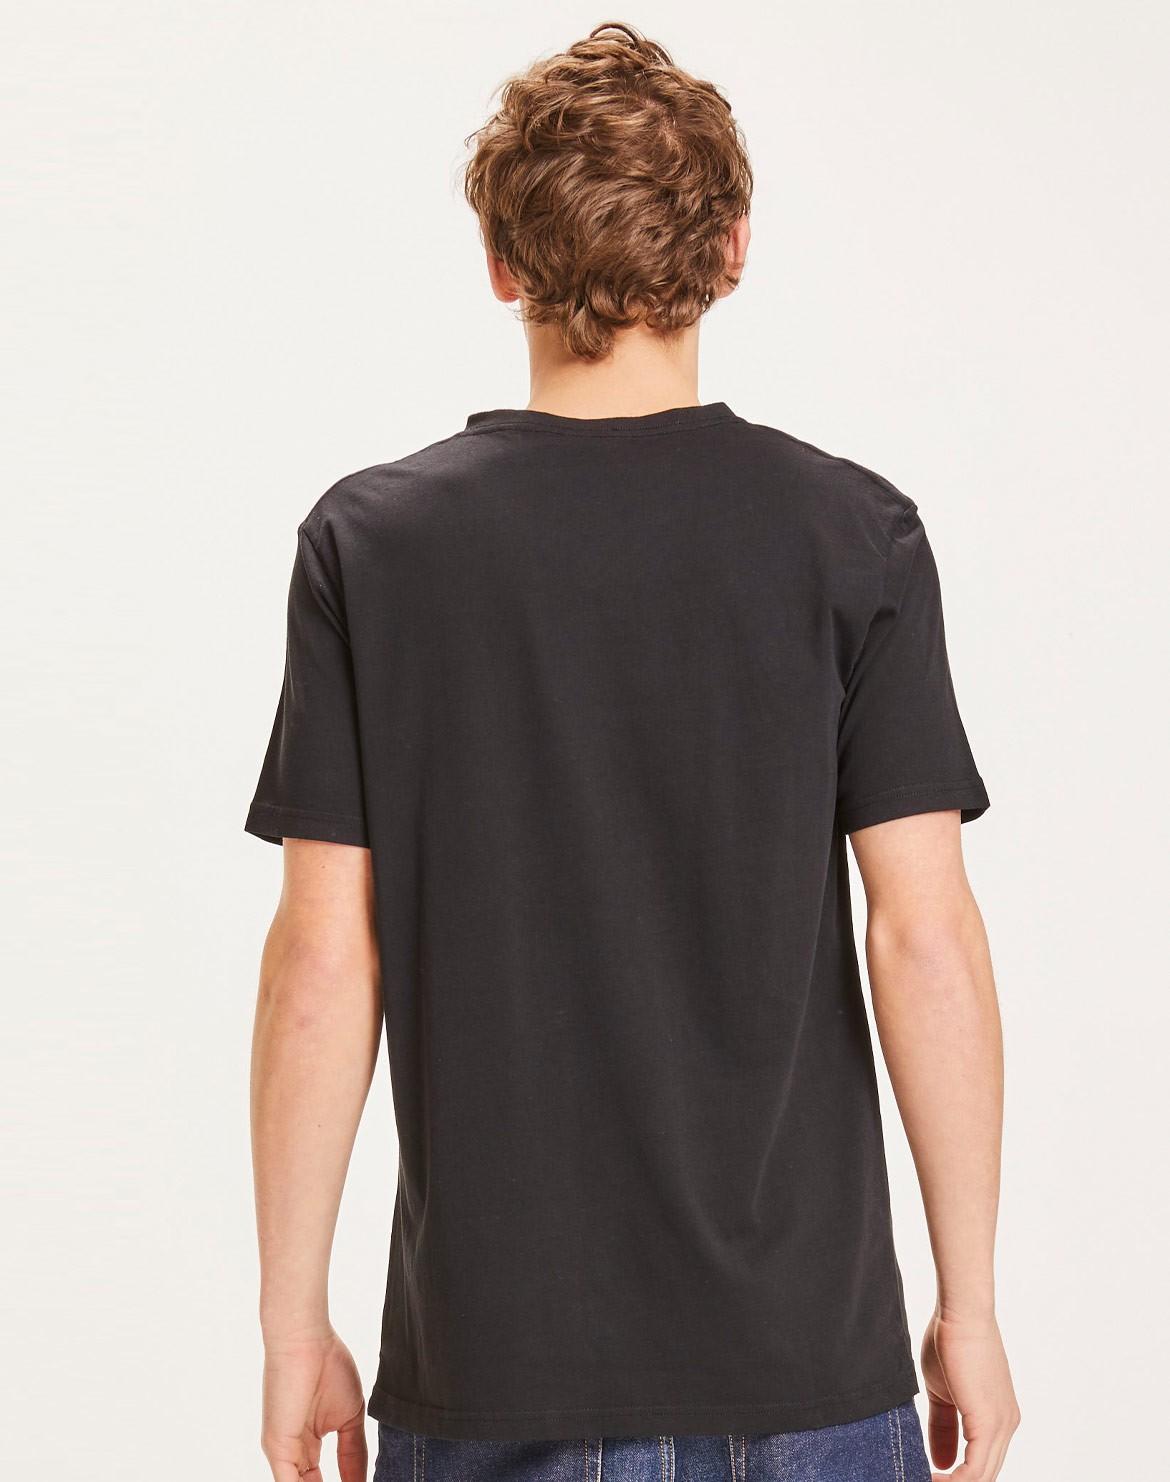 Alder Basic V-Neck T-Shirt